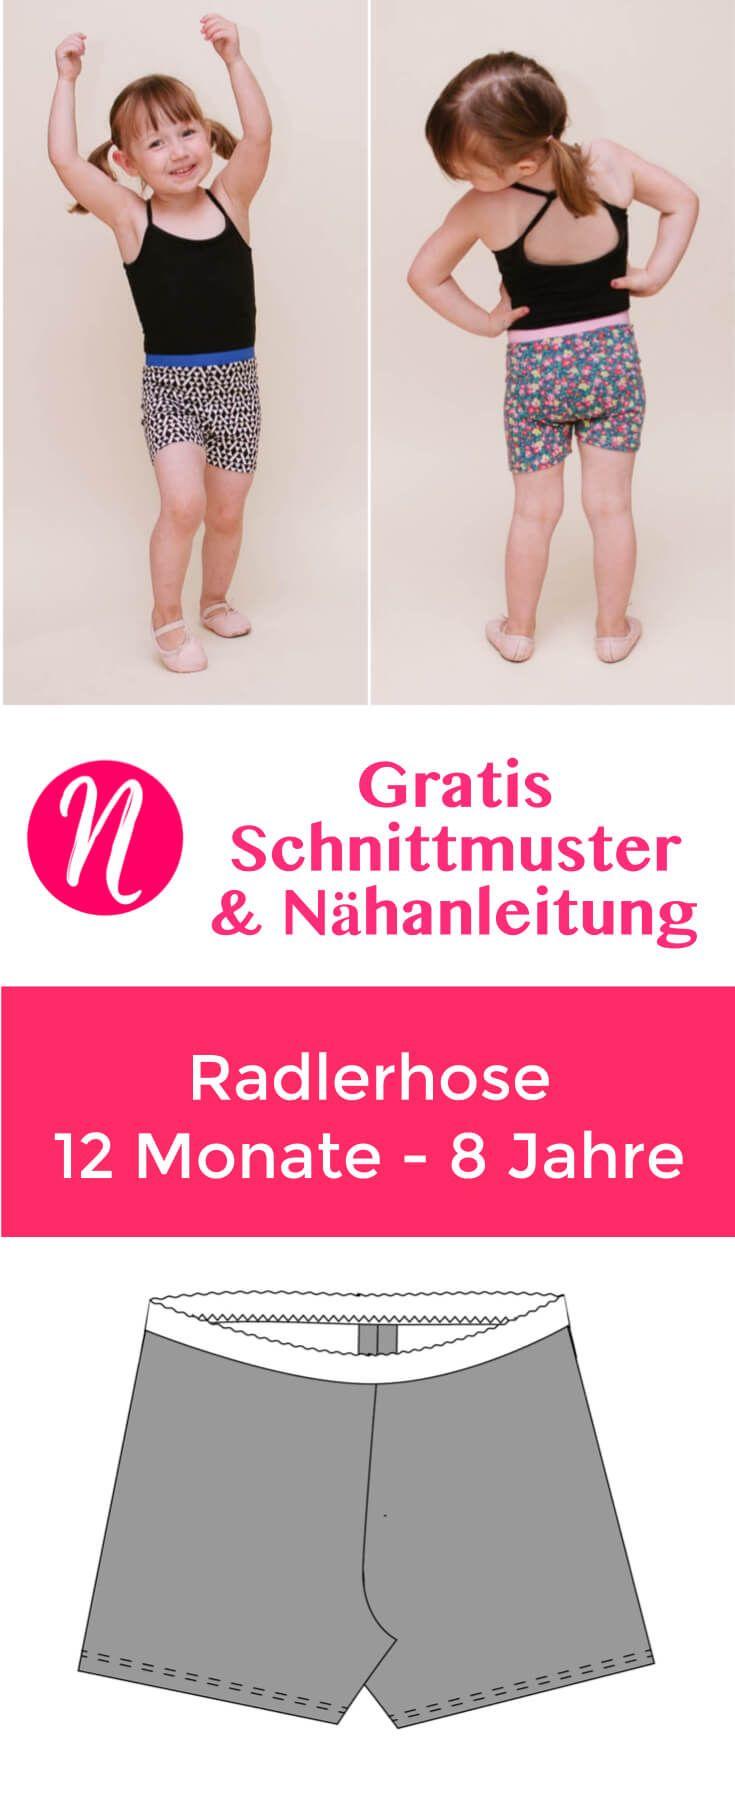 Radlerhose für Kinder - Freebook